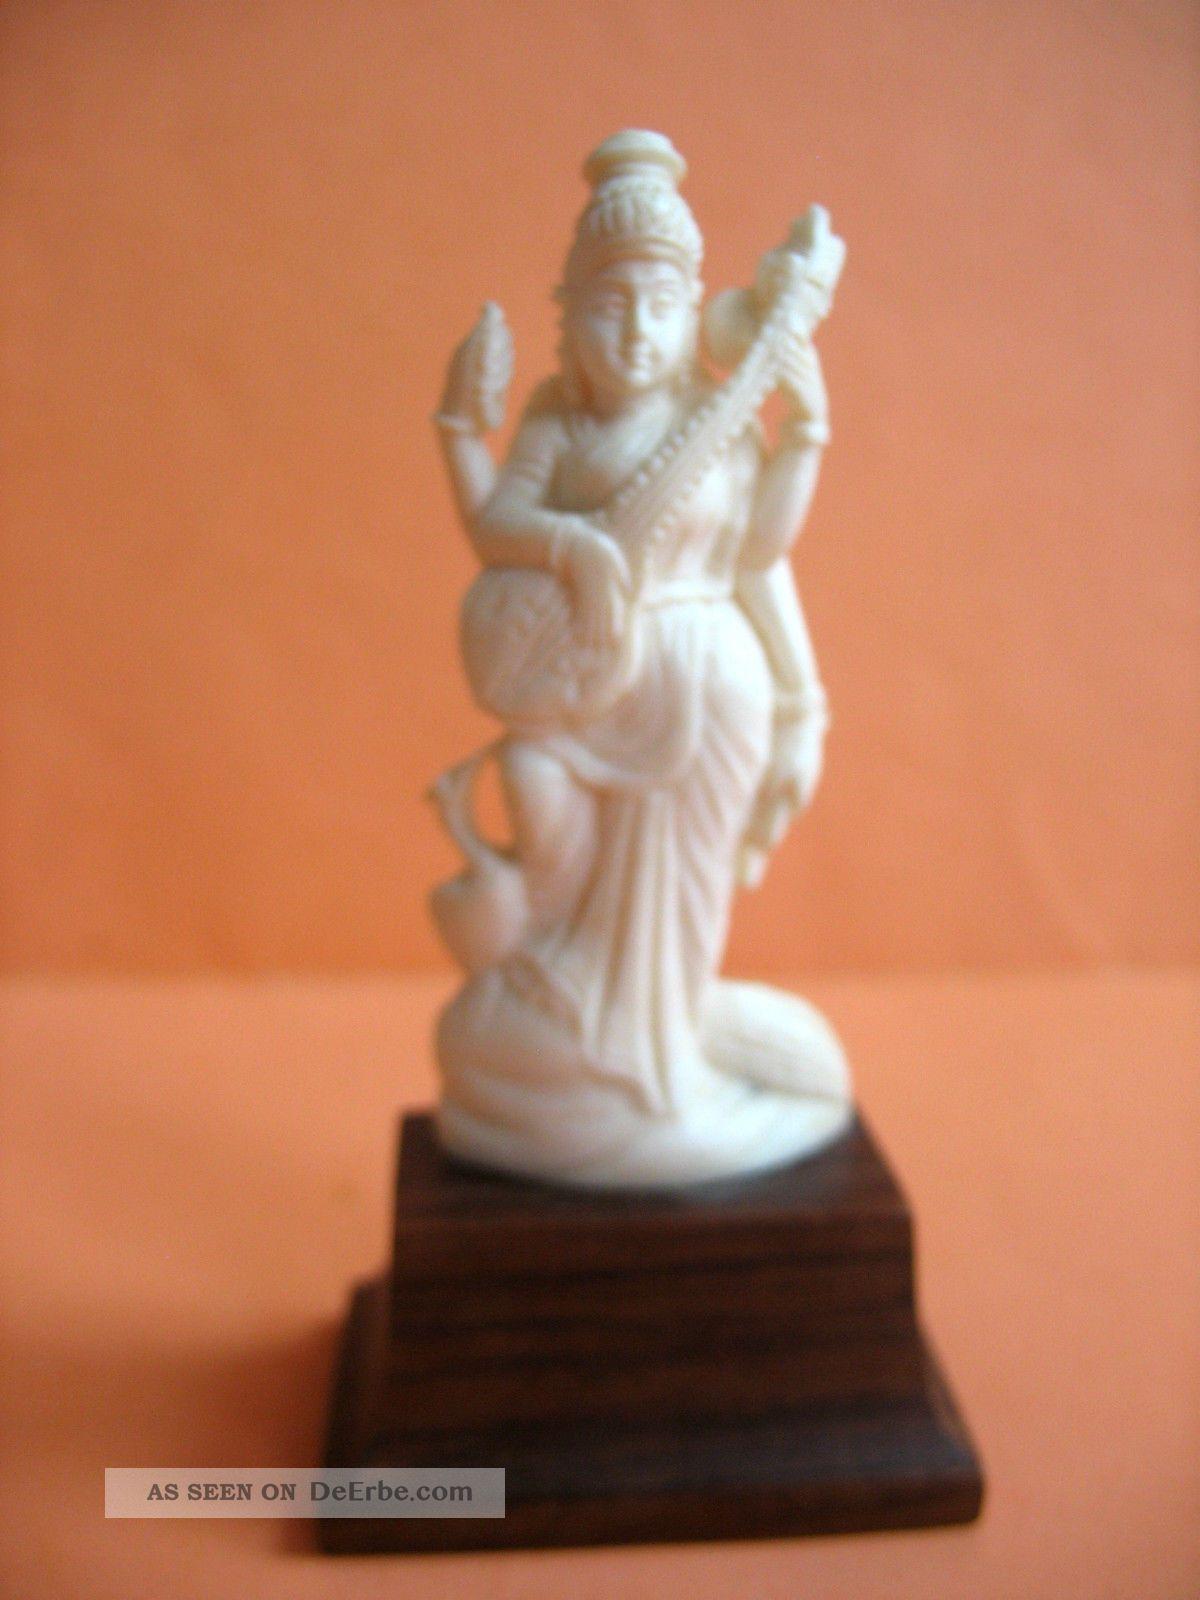 Beinschnitzerei Auf Sockel - 4 - Armige Indische Göttin Mit Musikinstrument U.  Pfau Beinarbeiten Bild